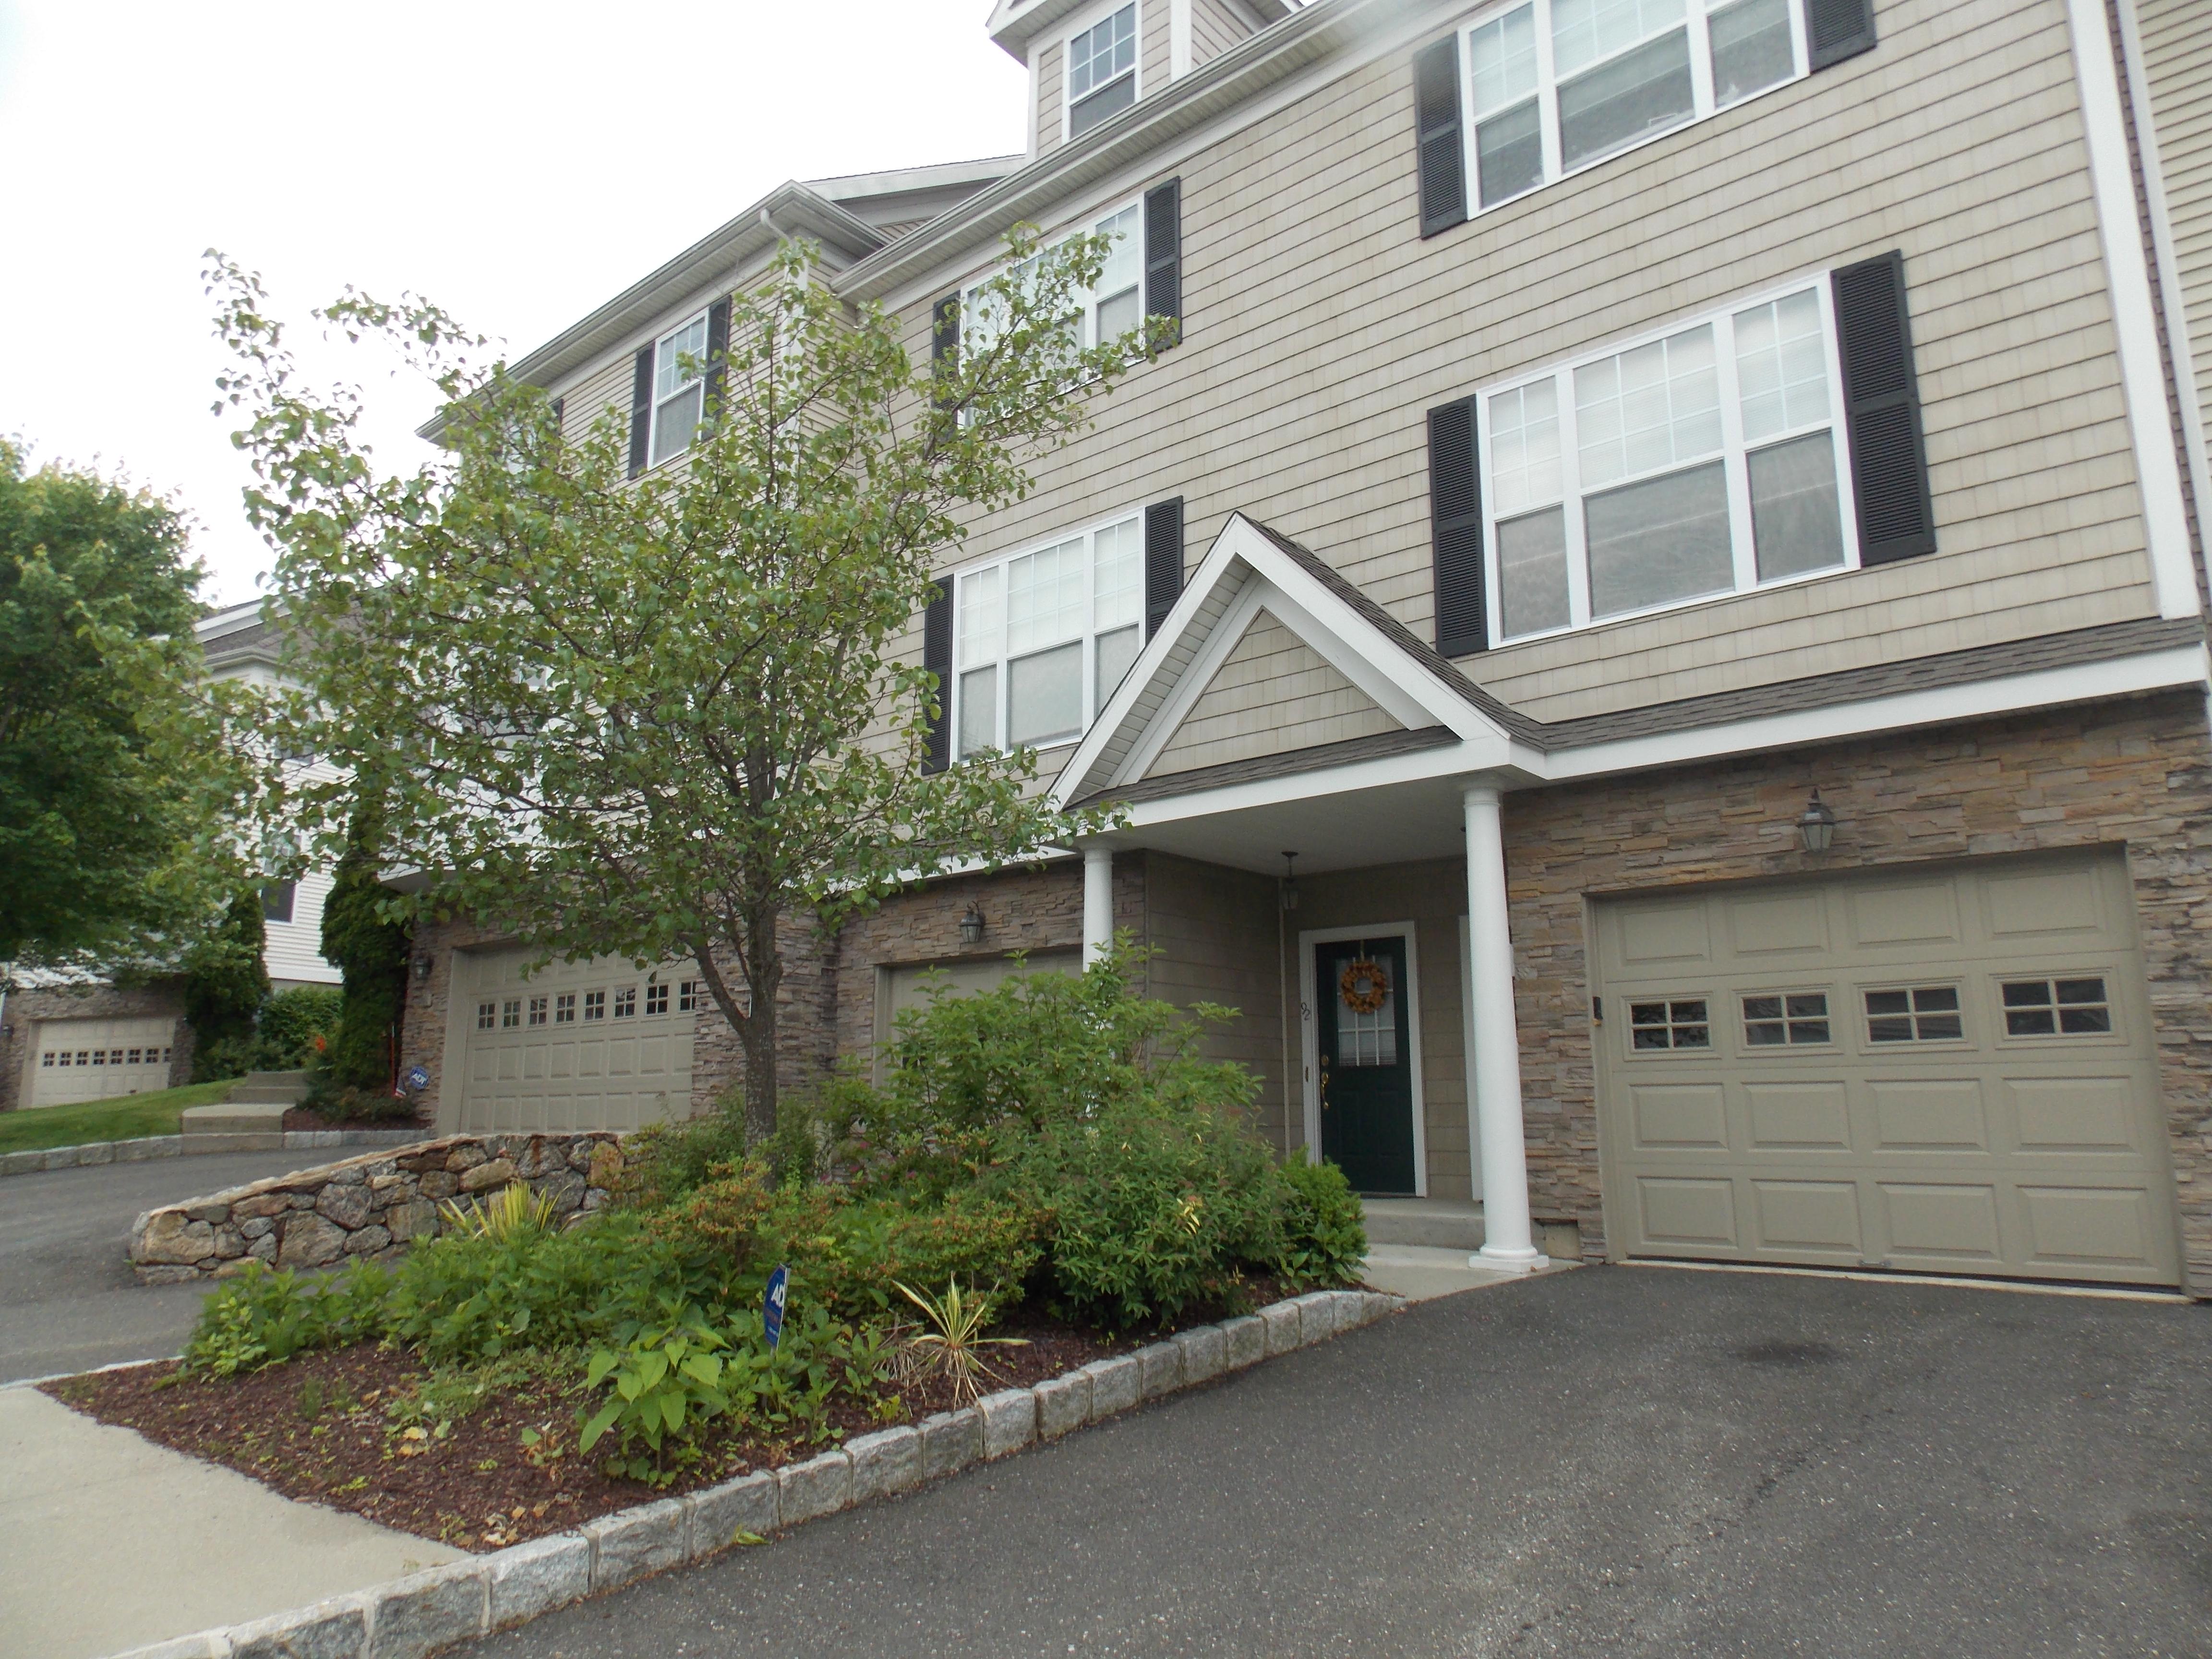 Condominium for Sale at Fabulous Condo In Woodland Hills 94 Woodcrest Lane 94 Danbury, Connecticut, 06810 United States